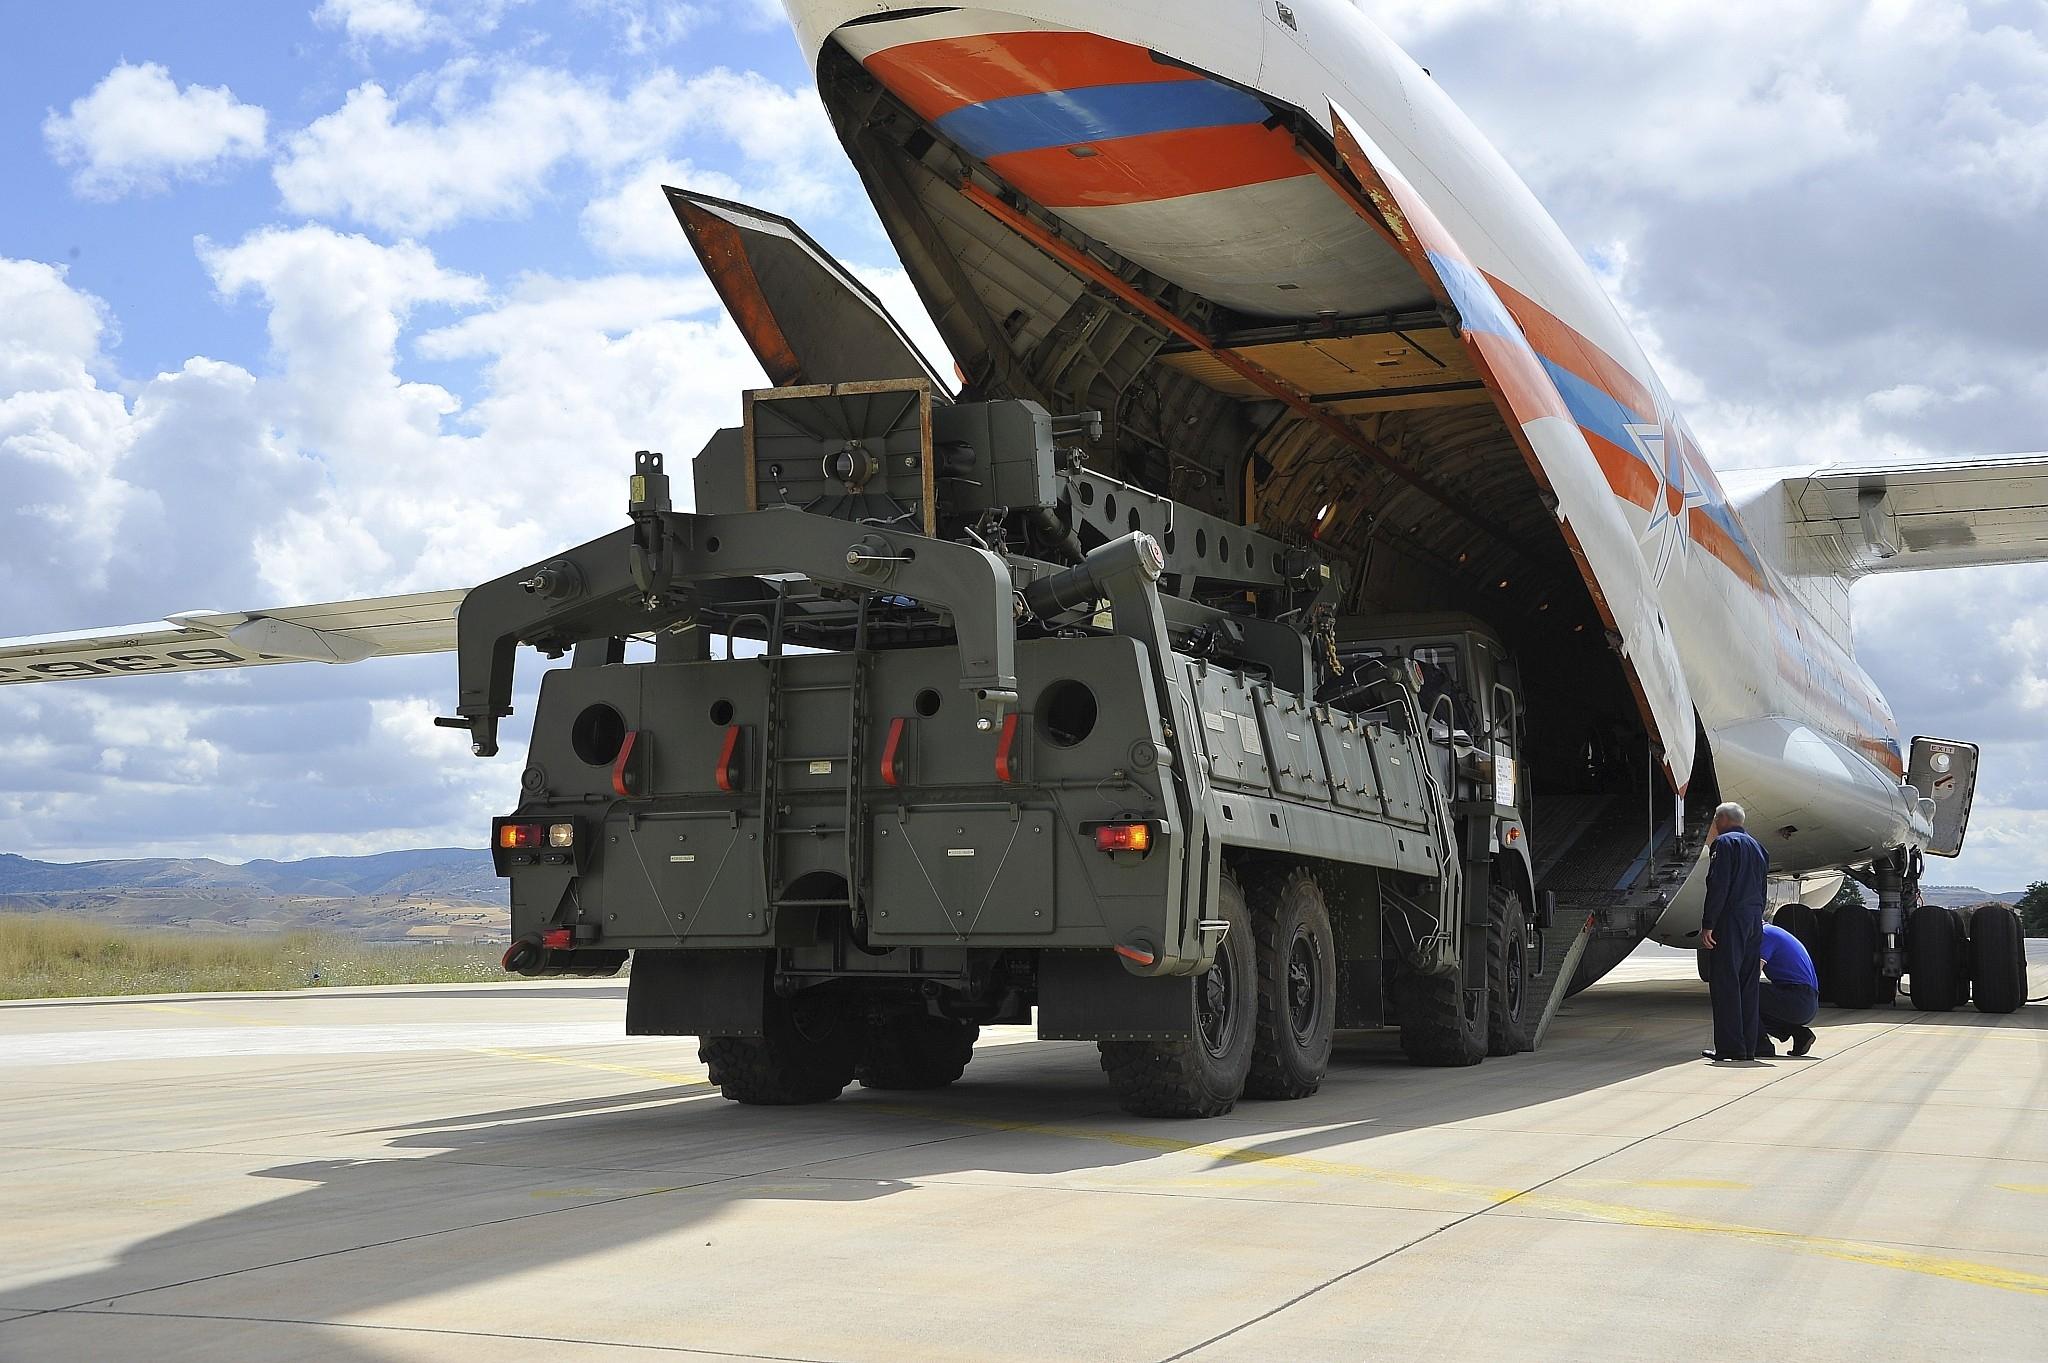 Thổ Nhĩ Kỳ chính thức thử S-400, làm gia tăng căng thẳng với Mỹ